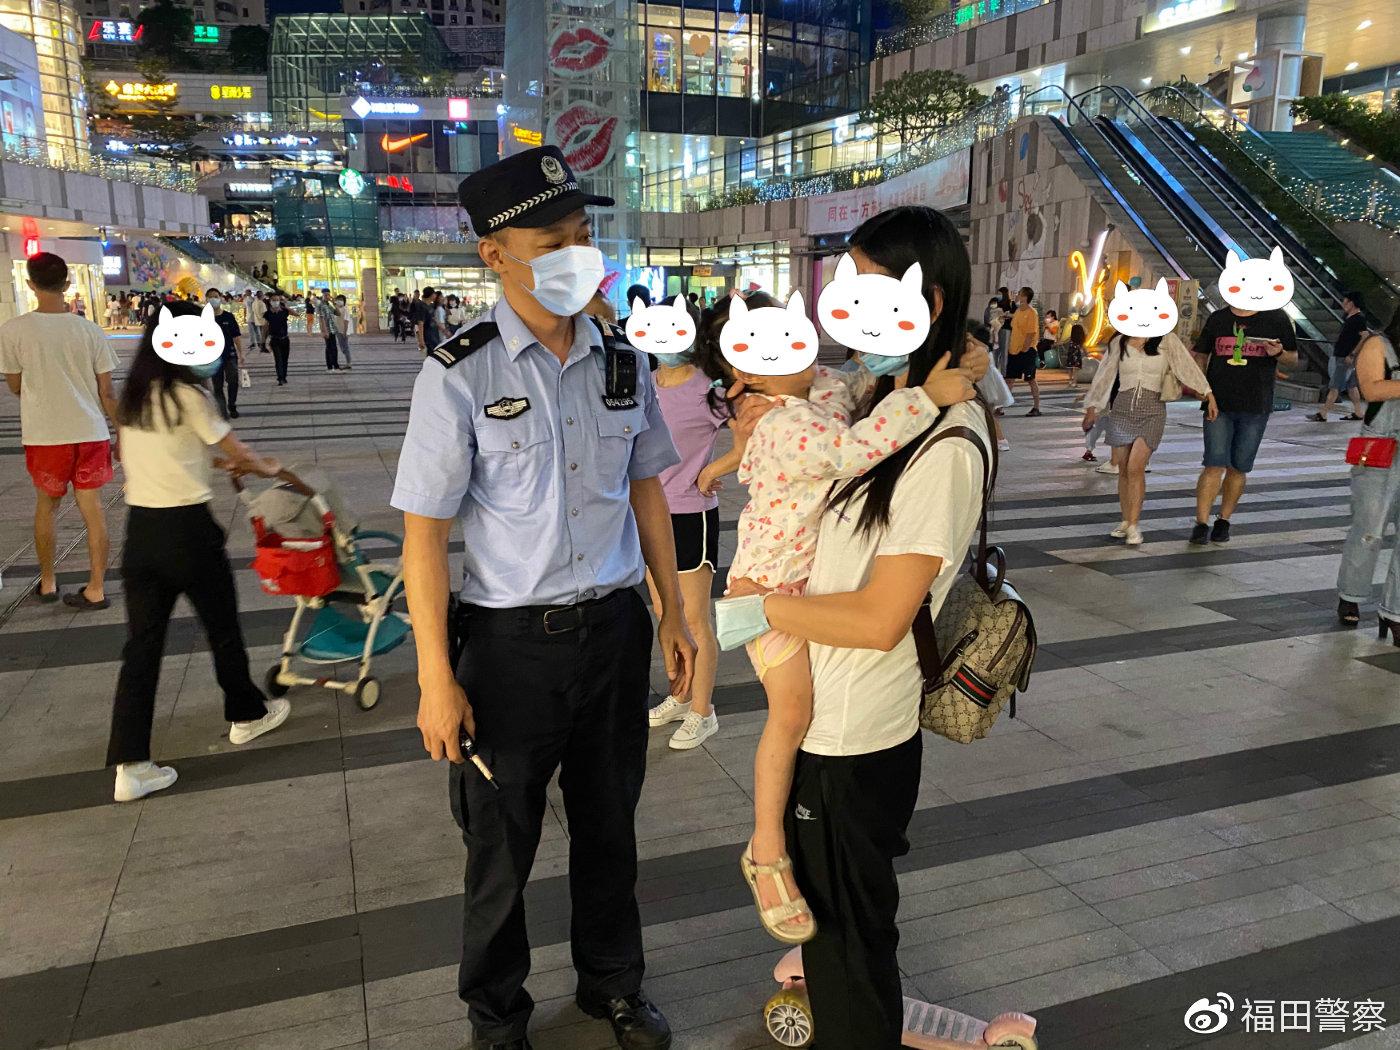 3岁女孩商场走失 民警紧急寻人